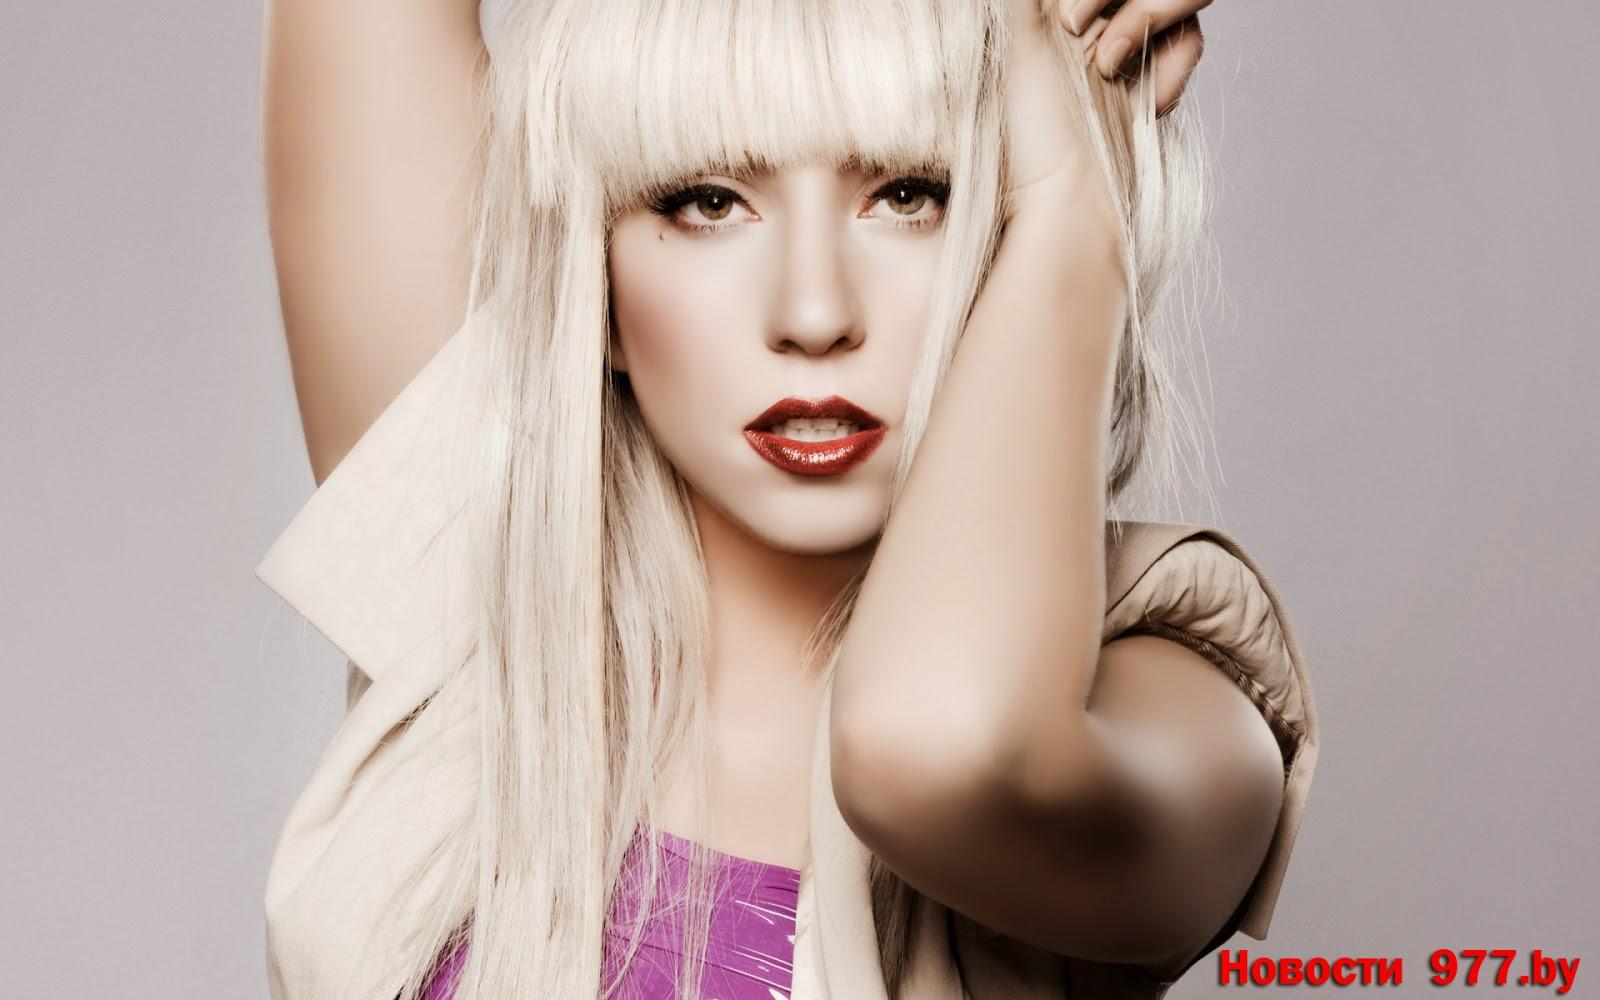 Леди Гага в кинематографе новости 977.by